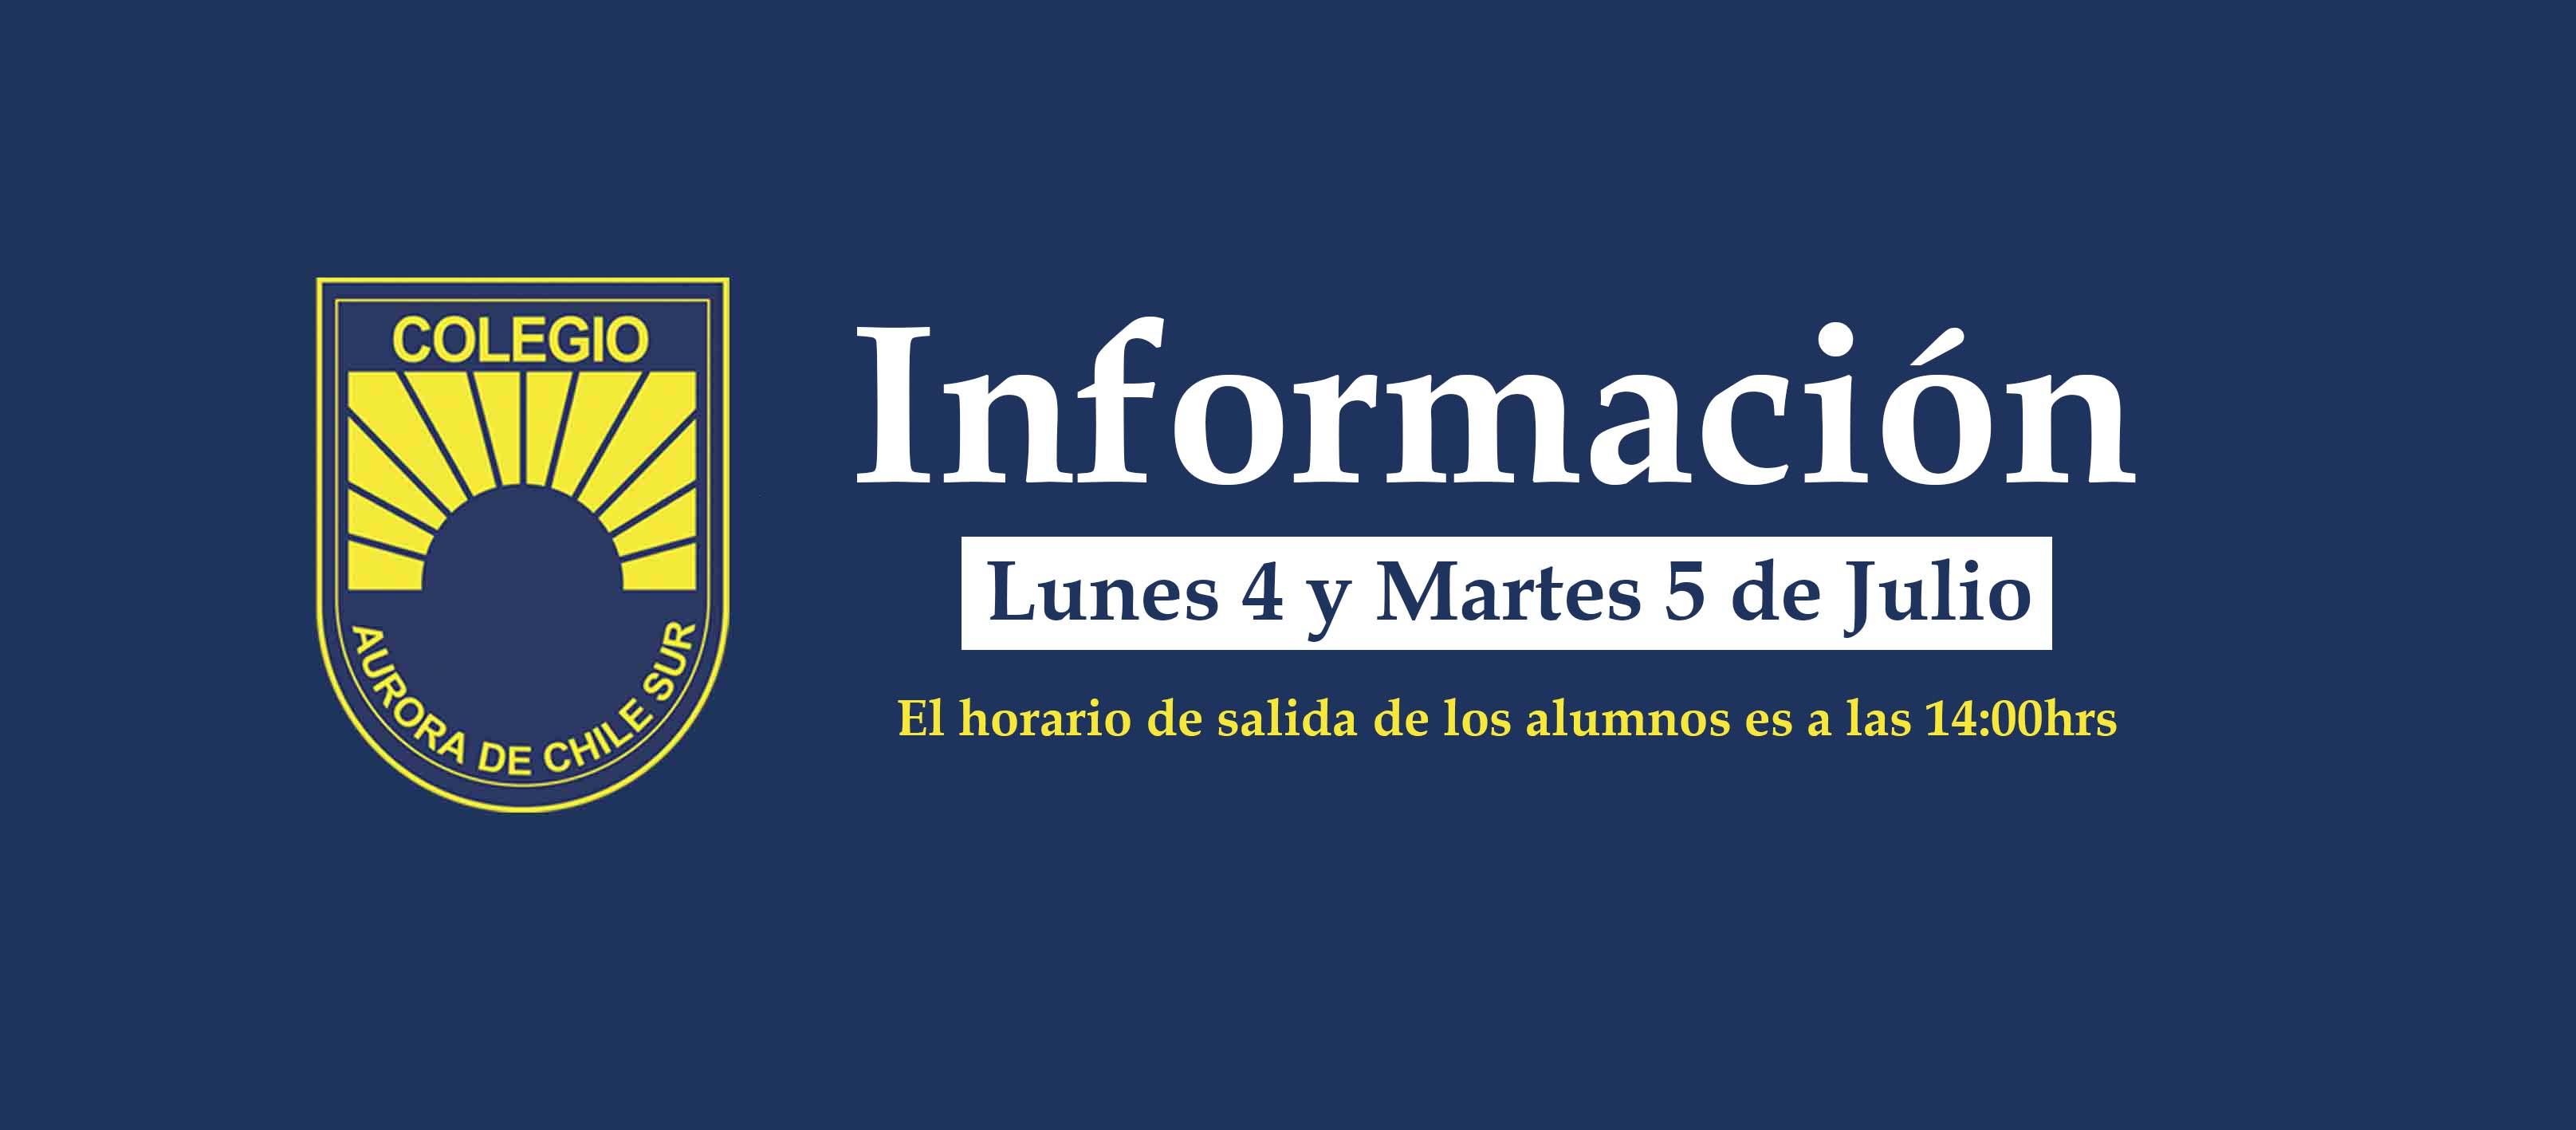 Horario-de-salida-Colegio-Aurora-de-Chile-Sur